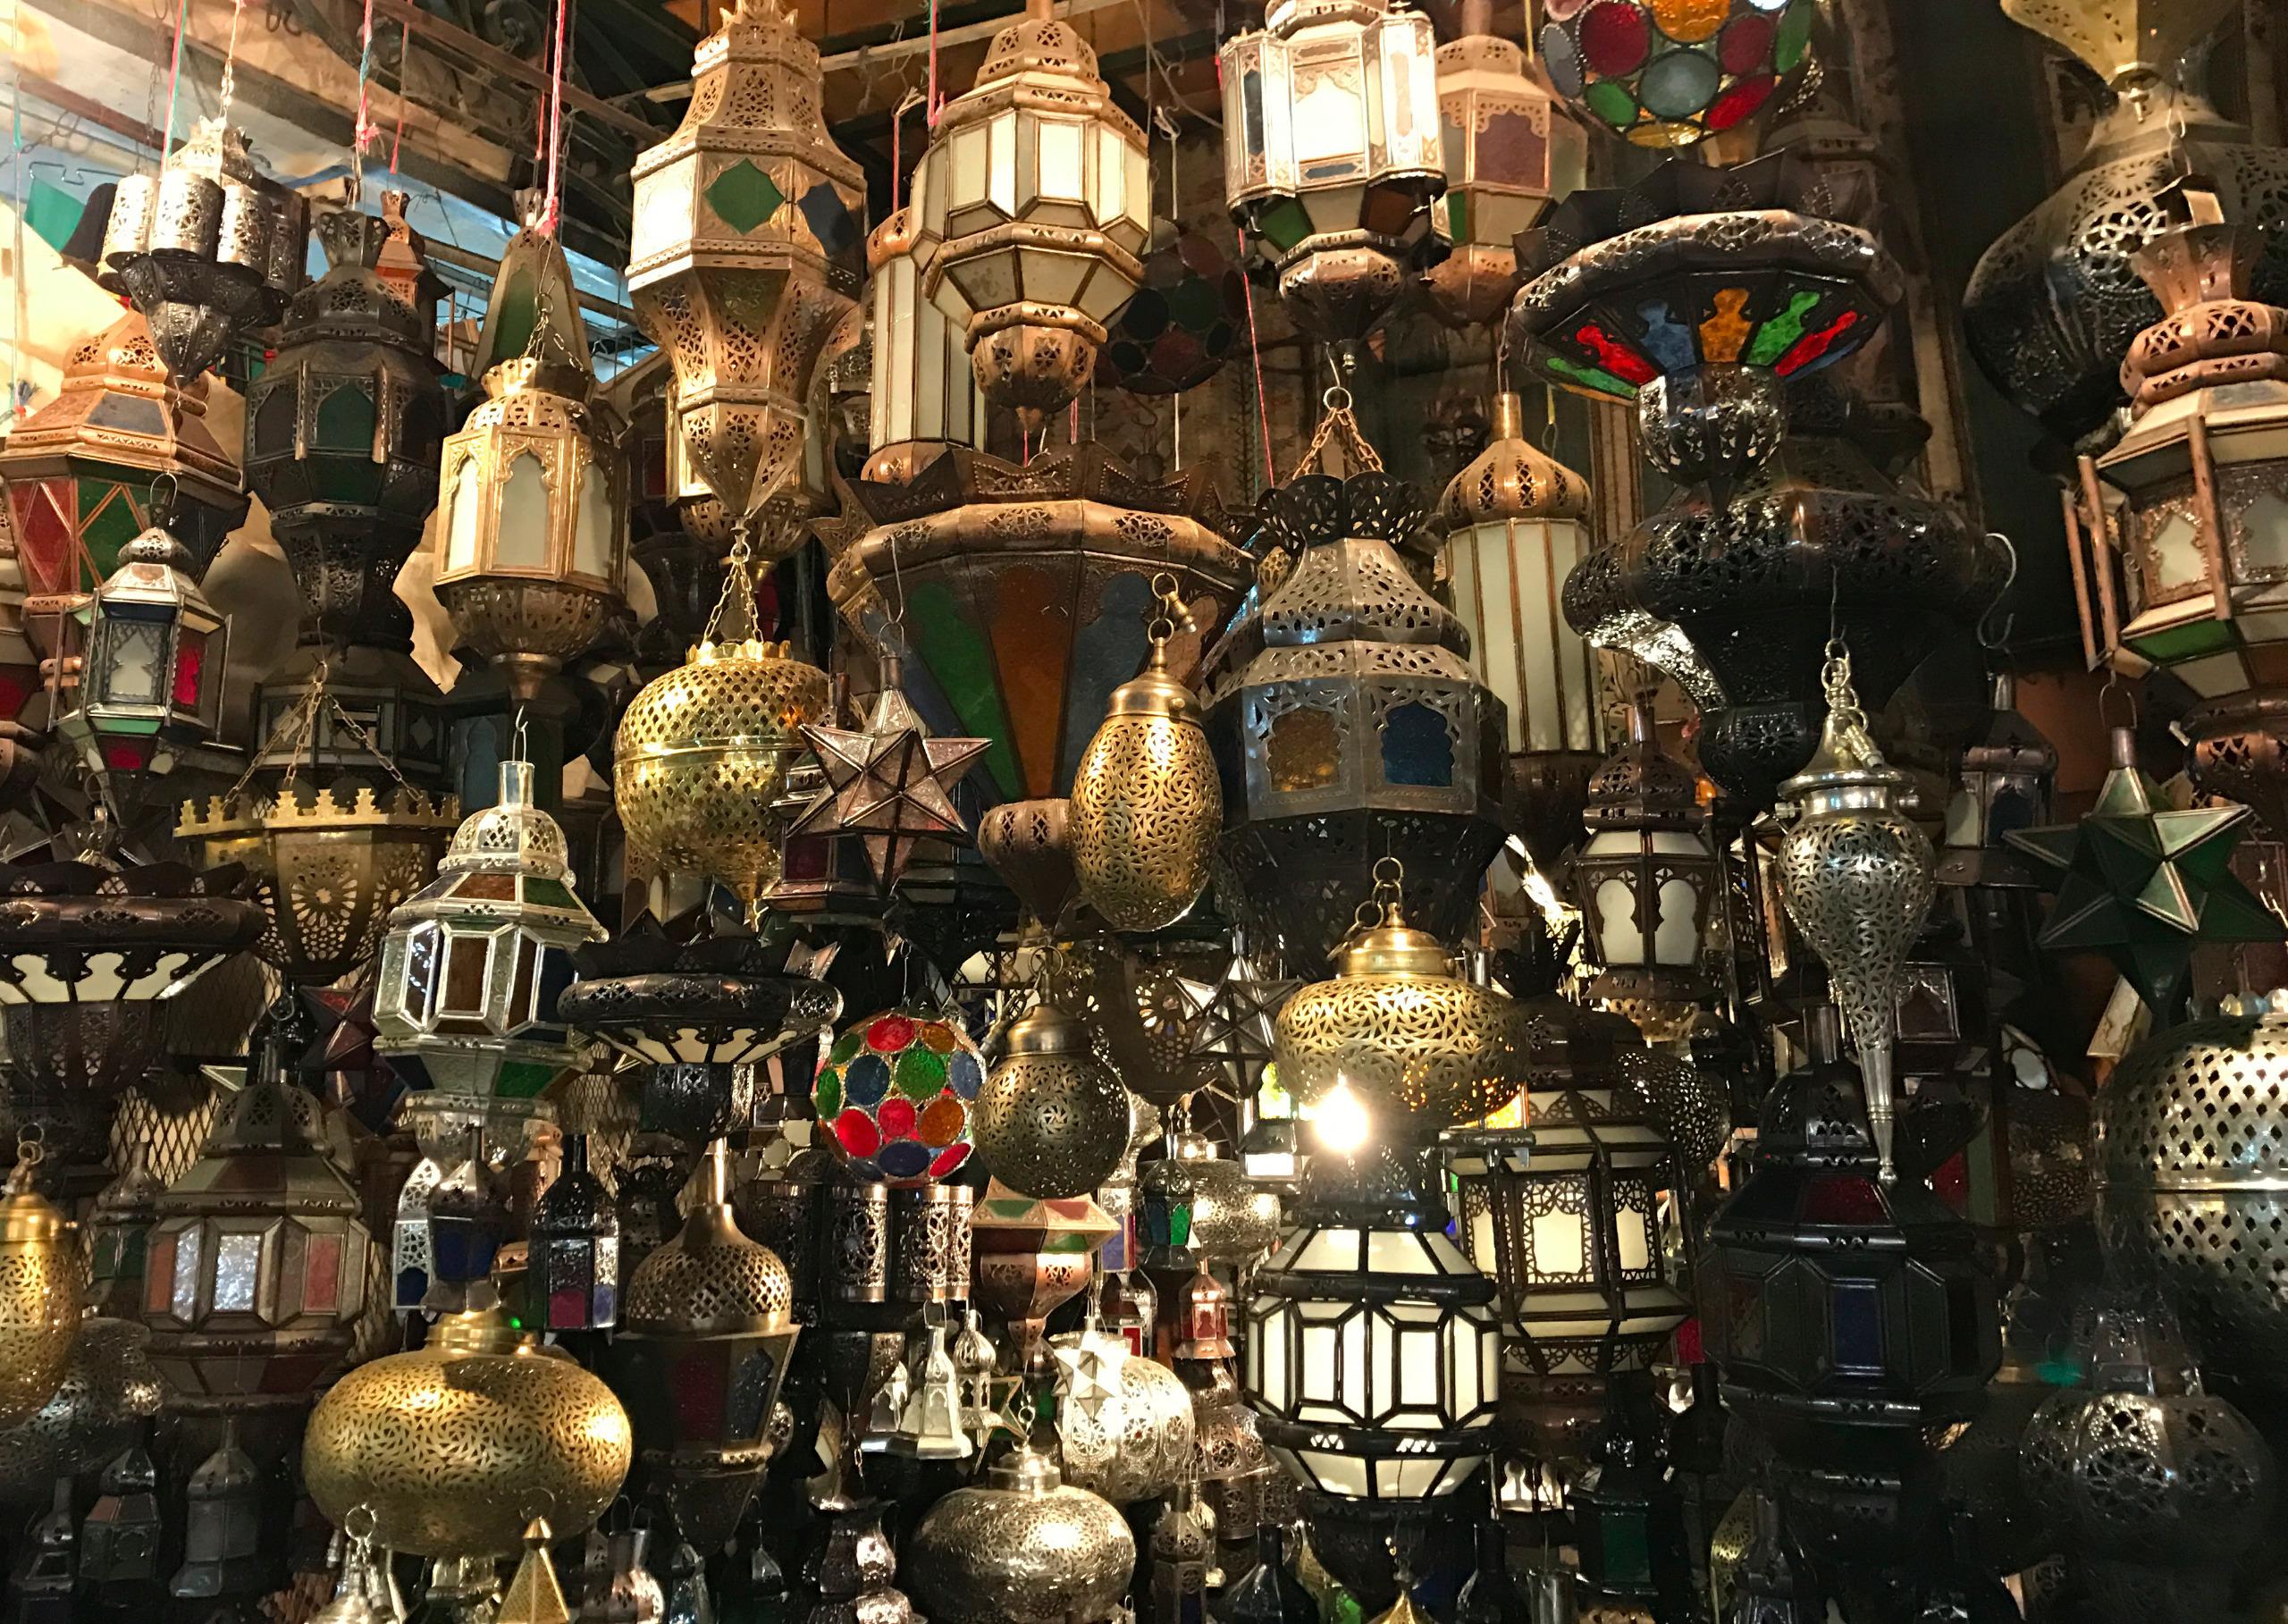 Handmade lamps Souks Marrakech - hermanotten | ello